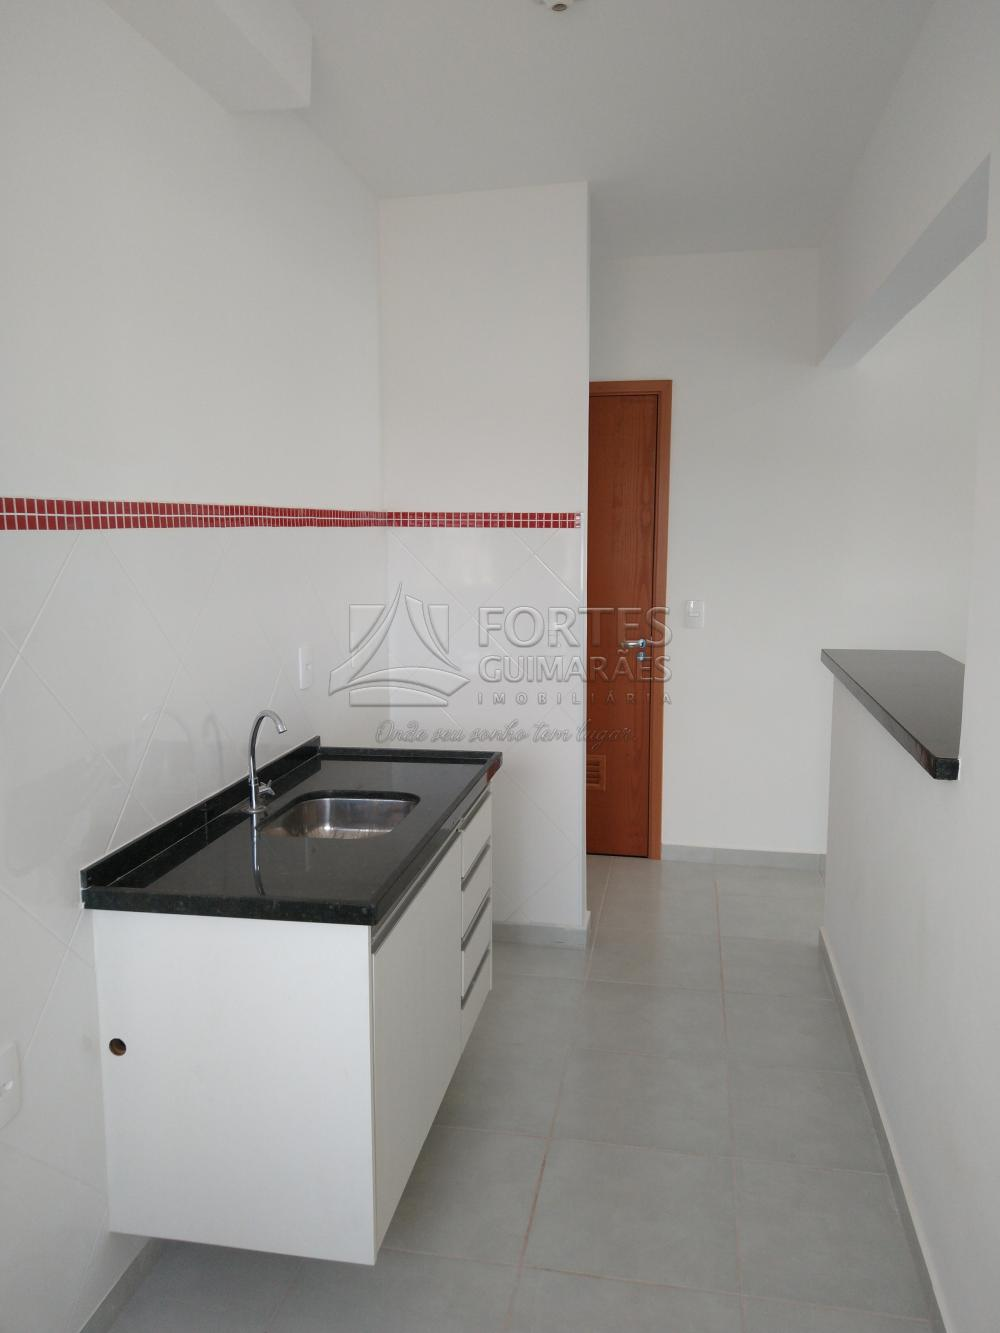 Alugar Apartamentos / Padrão em Ribeirão Preto apenas R$ 800,00 - Foto 30